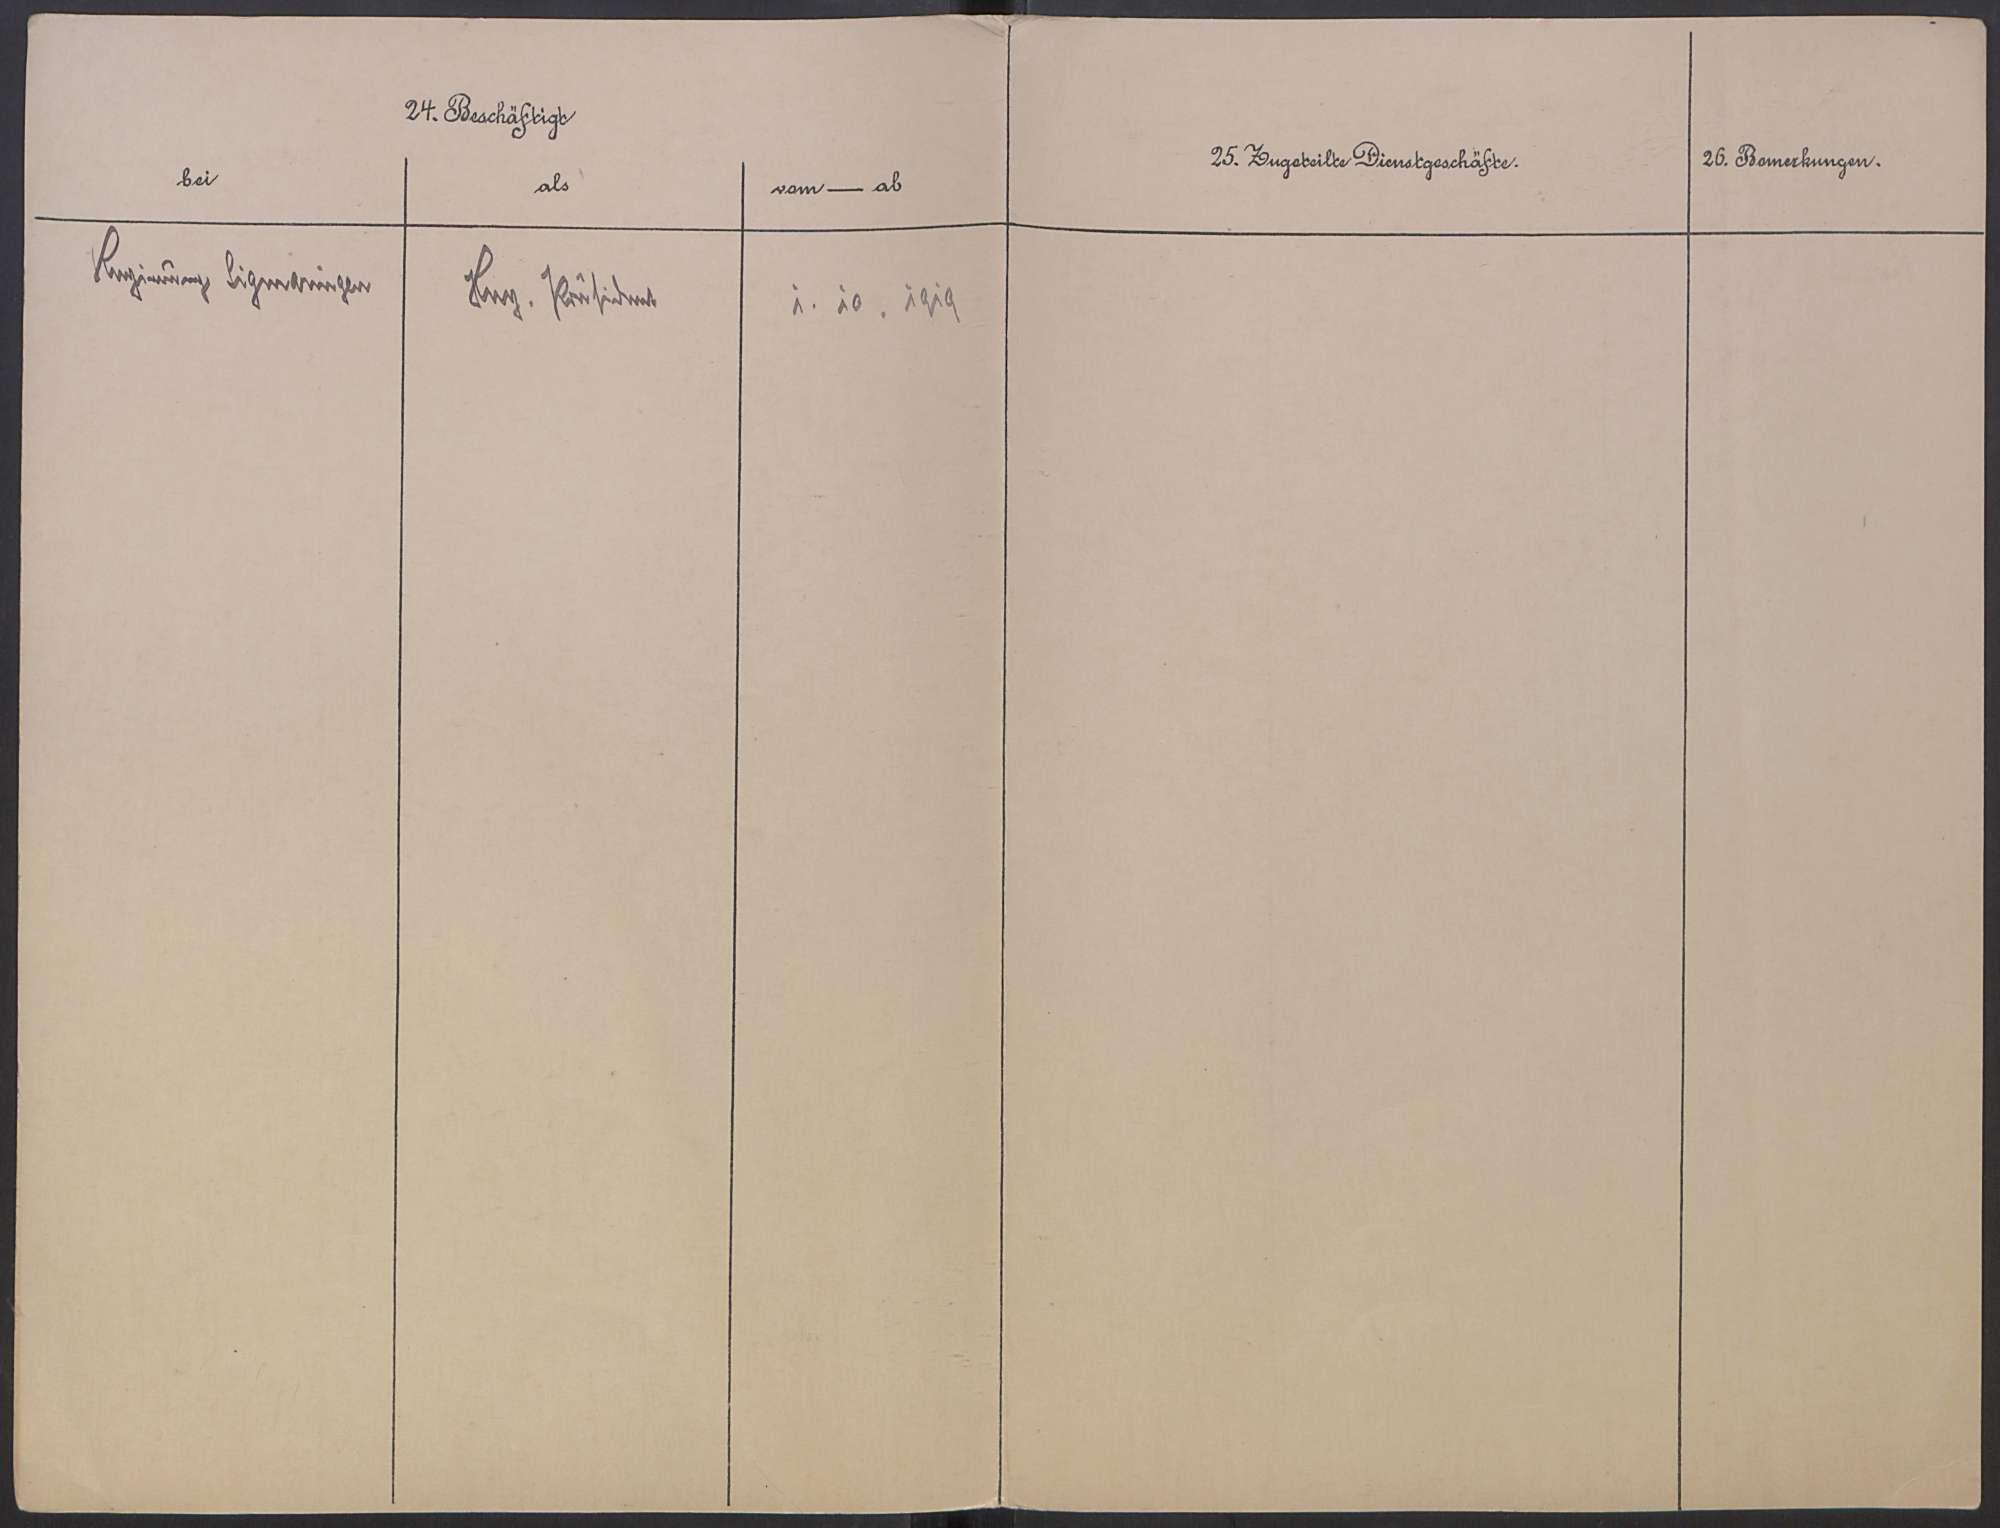 Verwaltung des Regierungspräsidiums, Bild 2